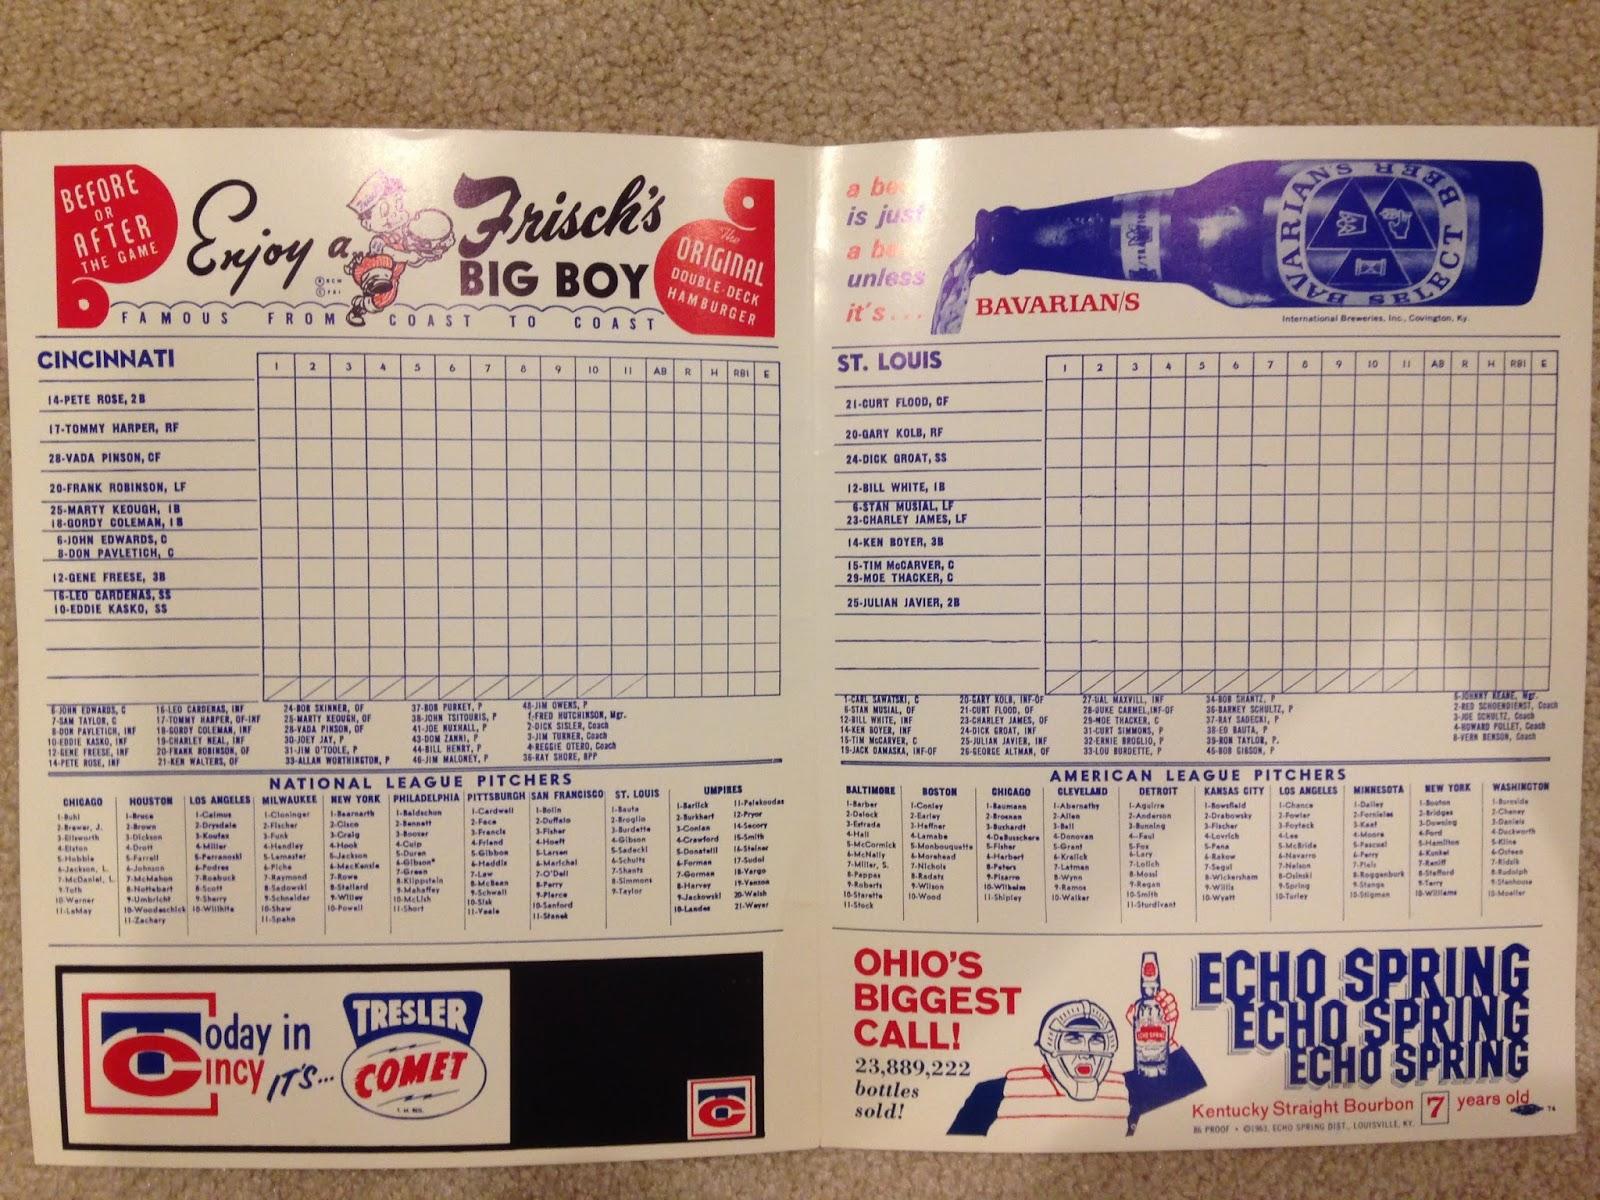 Cincinnati Reds Baseball Card Collector 1963 Cincinnati